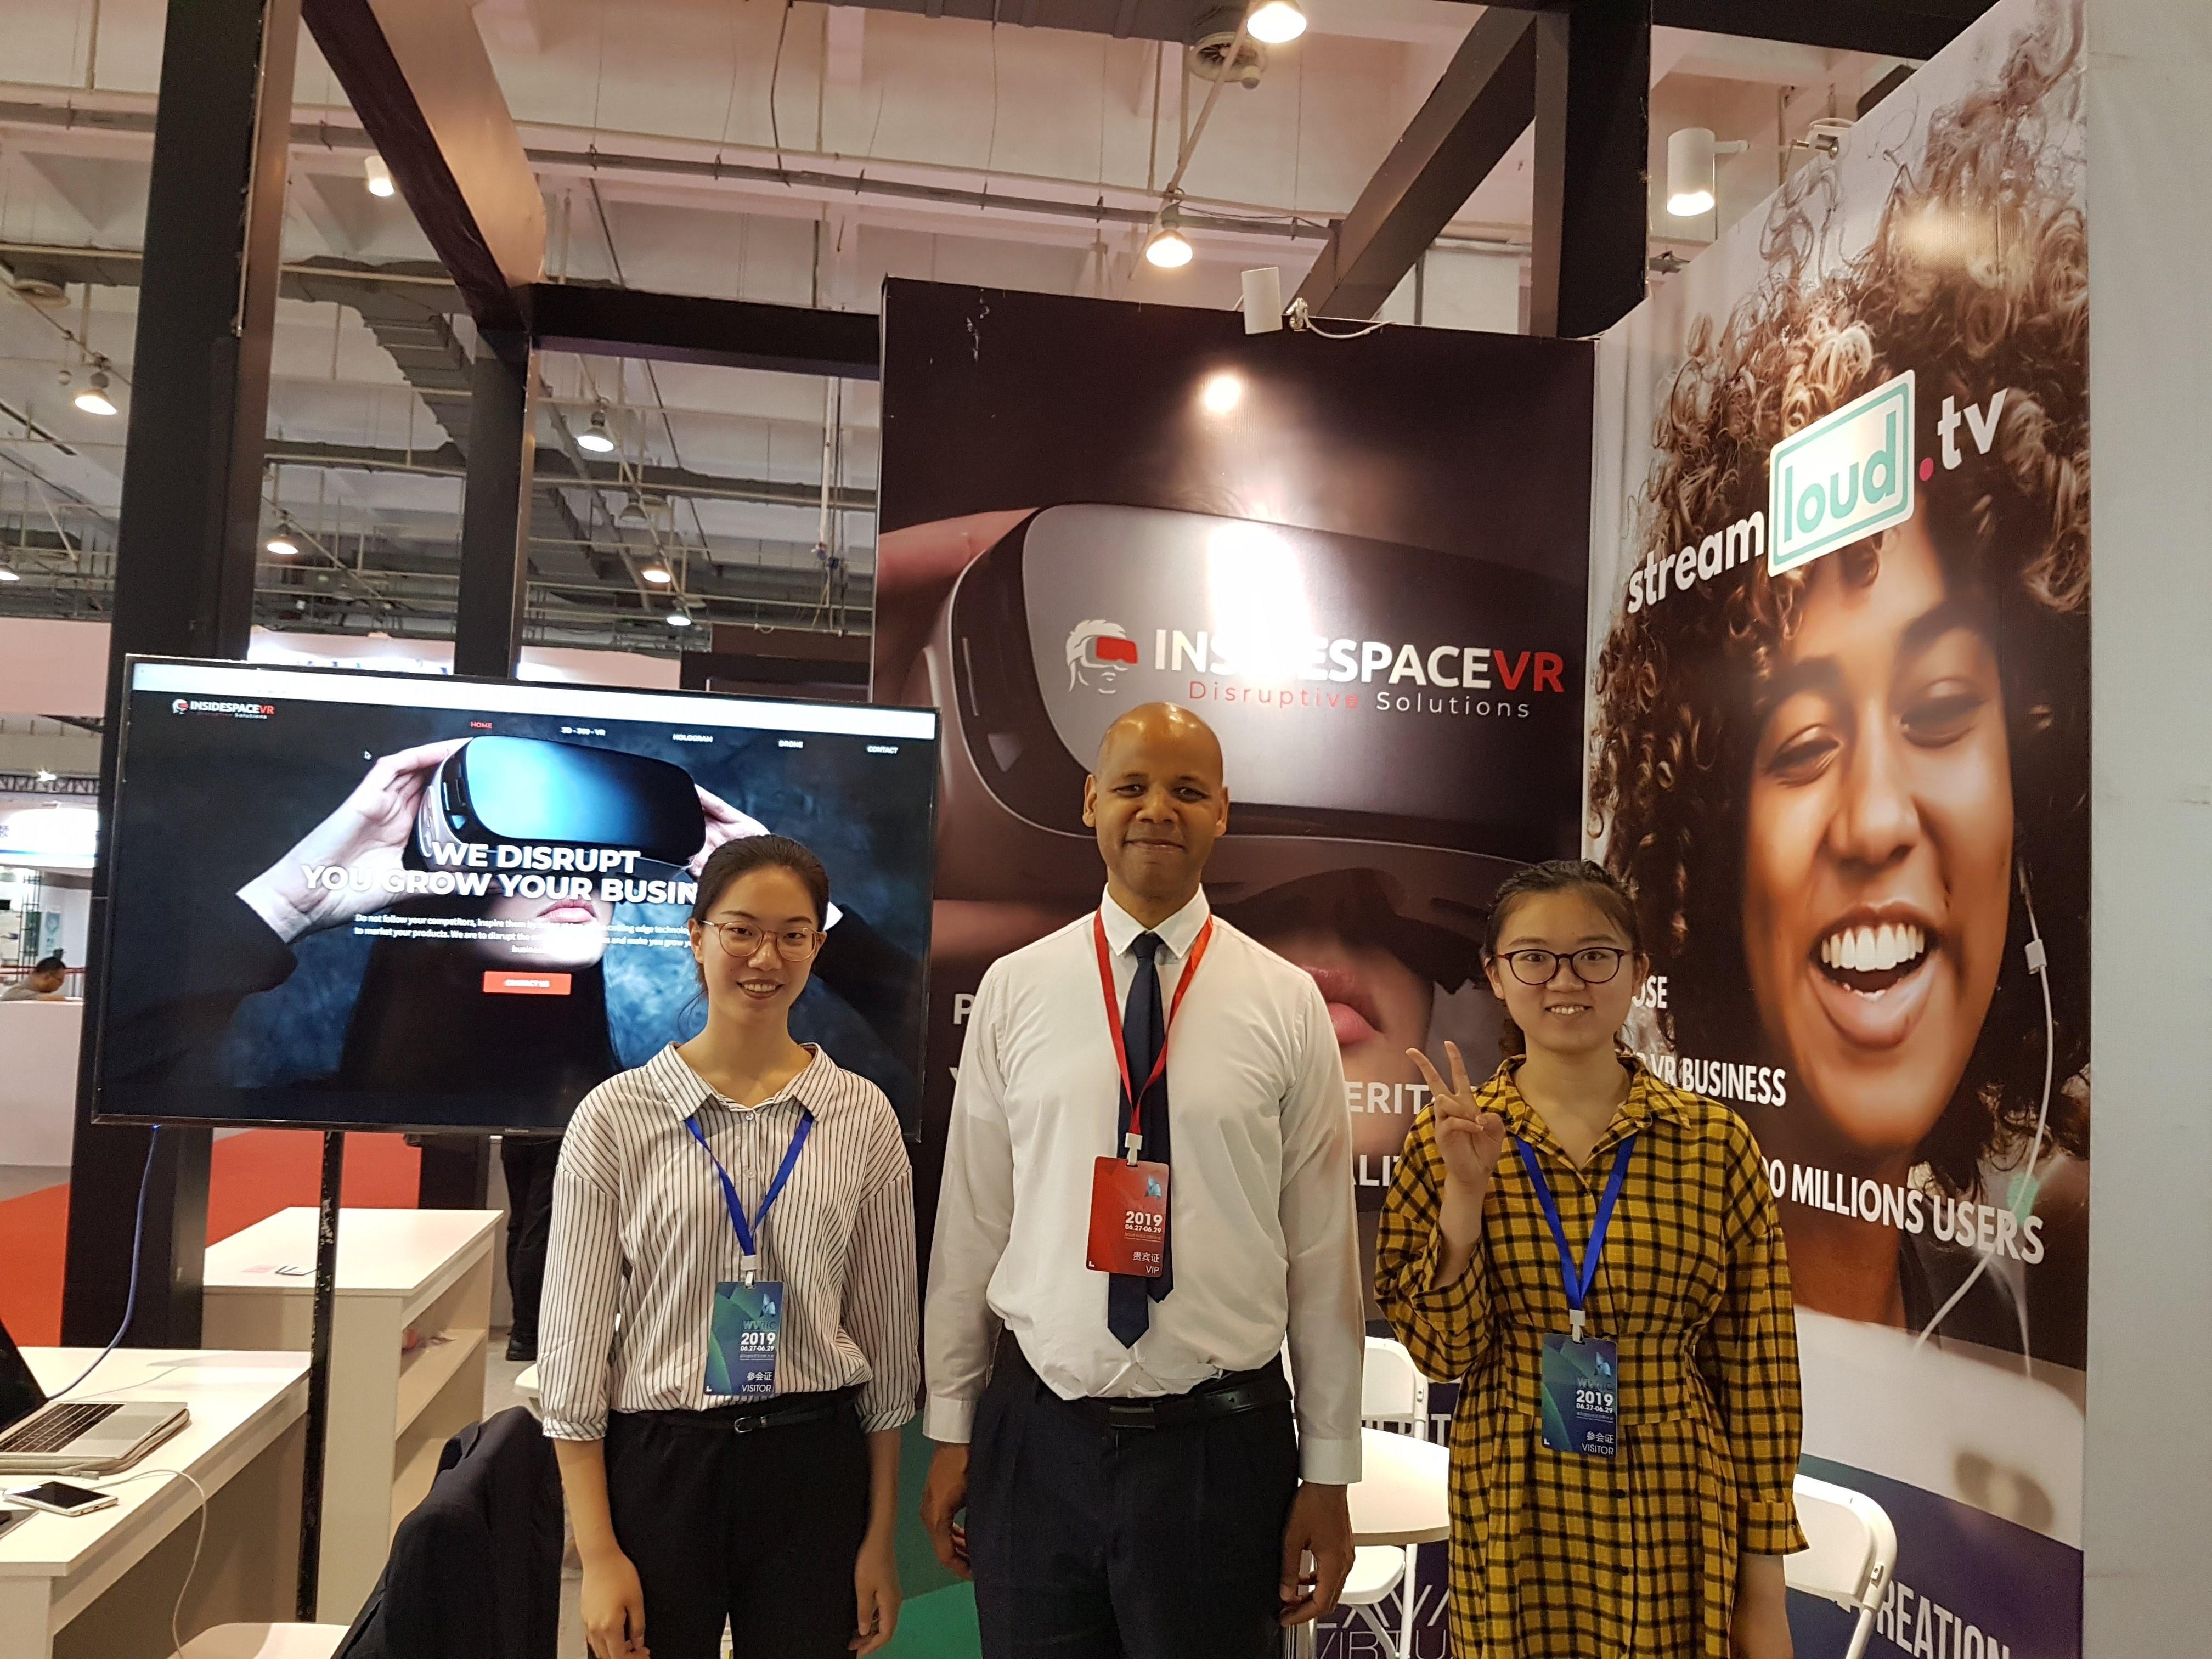 Stand d'InsidespaceVR à Laval Virtual Asia 2019, salon de la réalité virtuelle en Chine